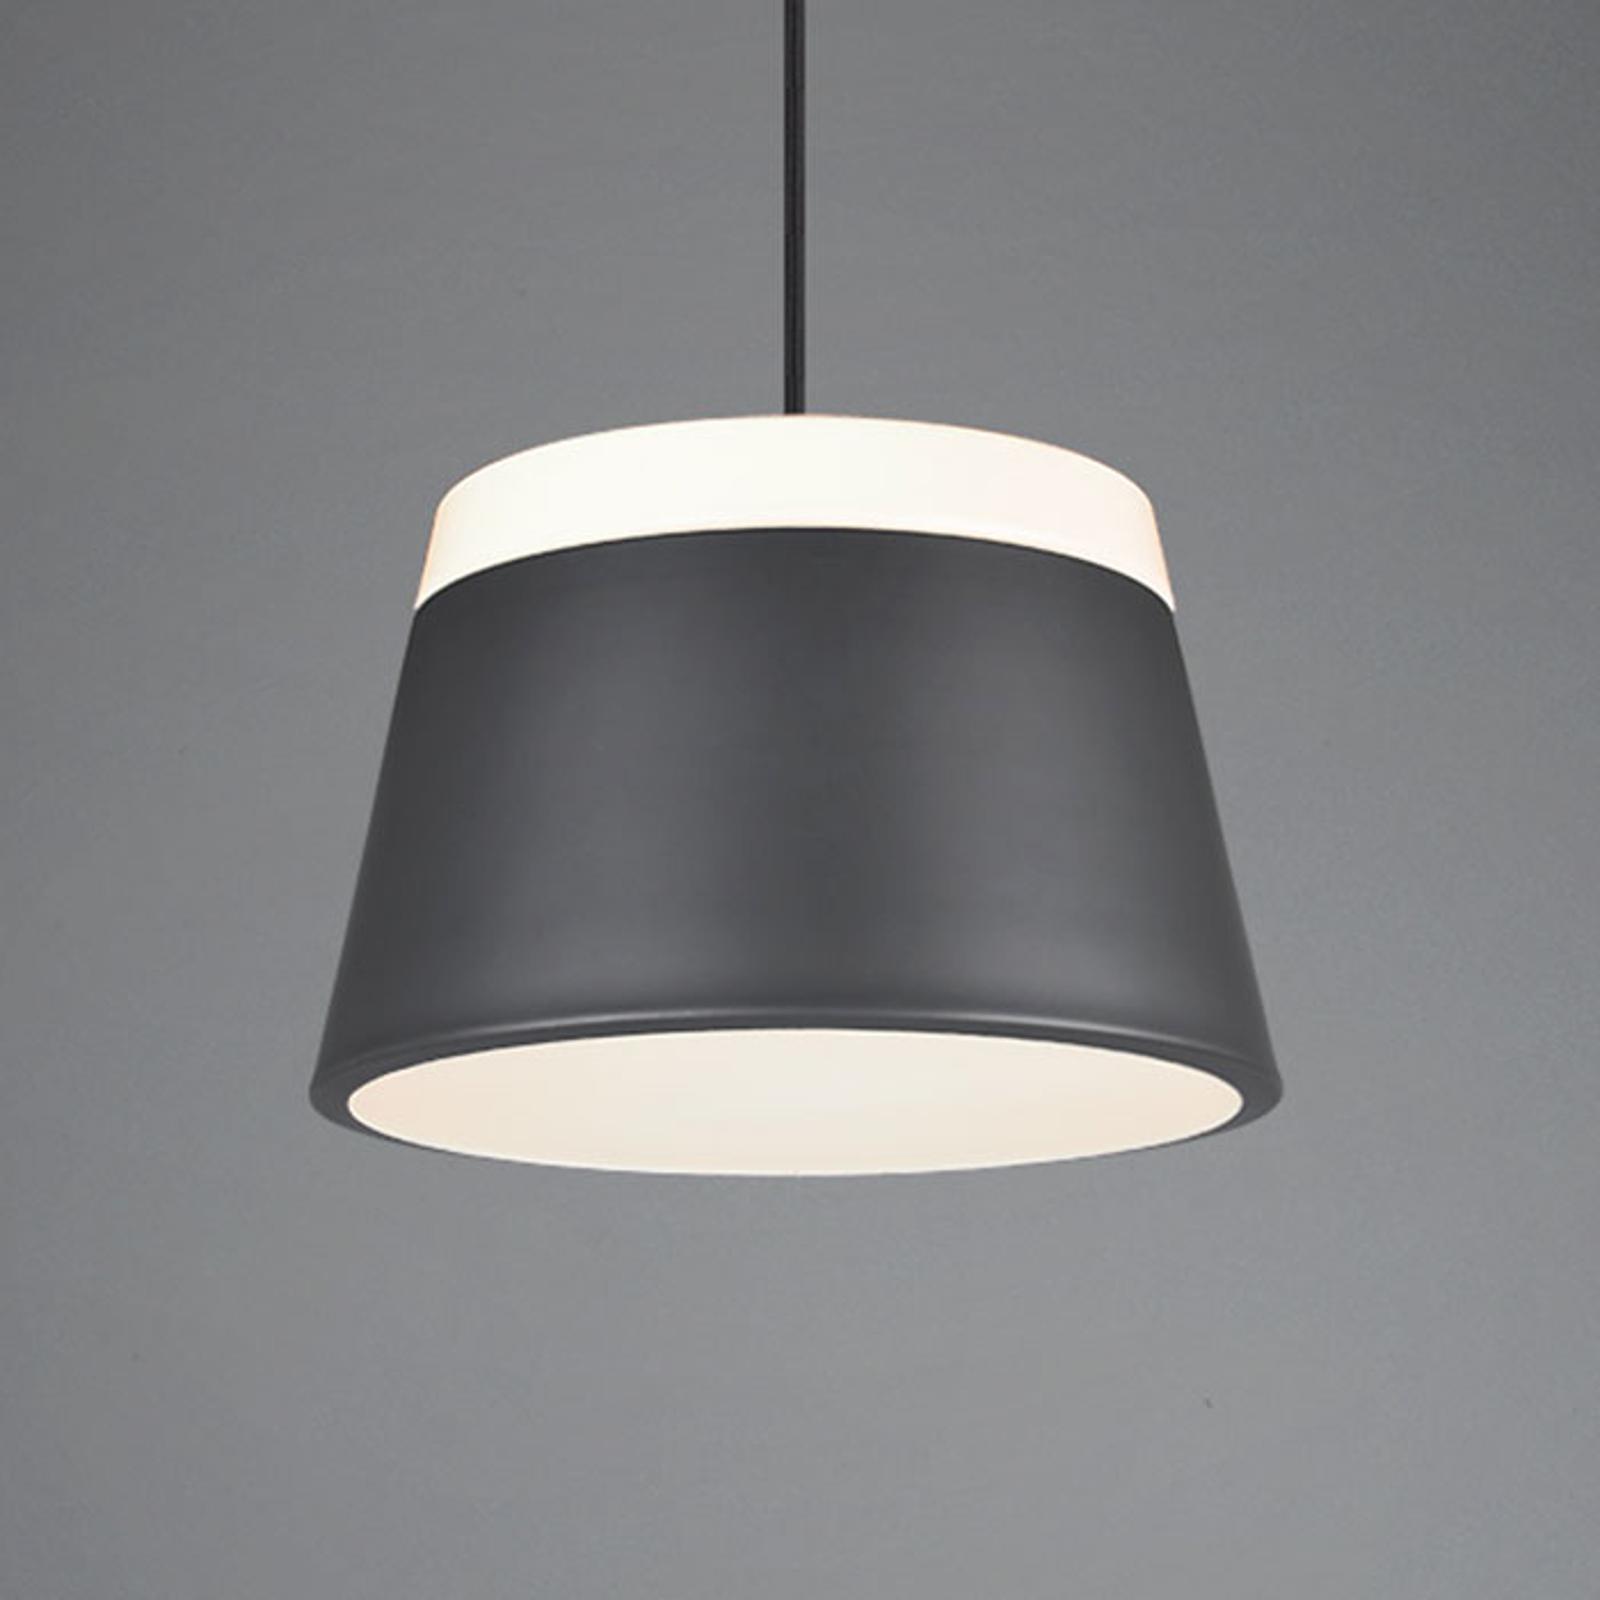 Lampa wisząca Baroness Ø 45 cm, antracyt